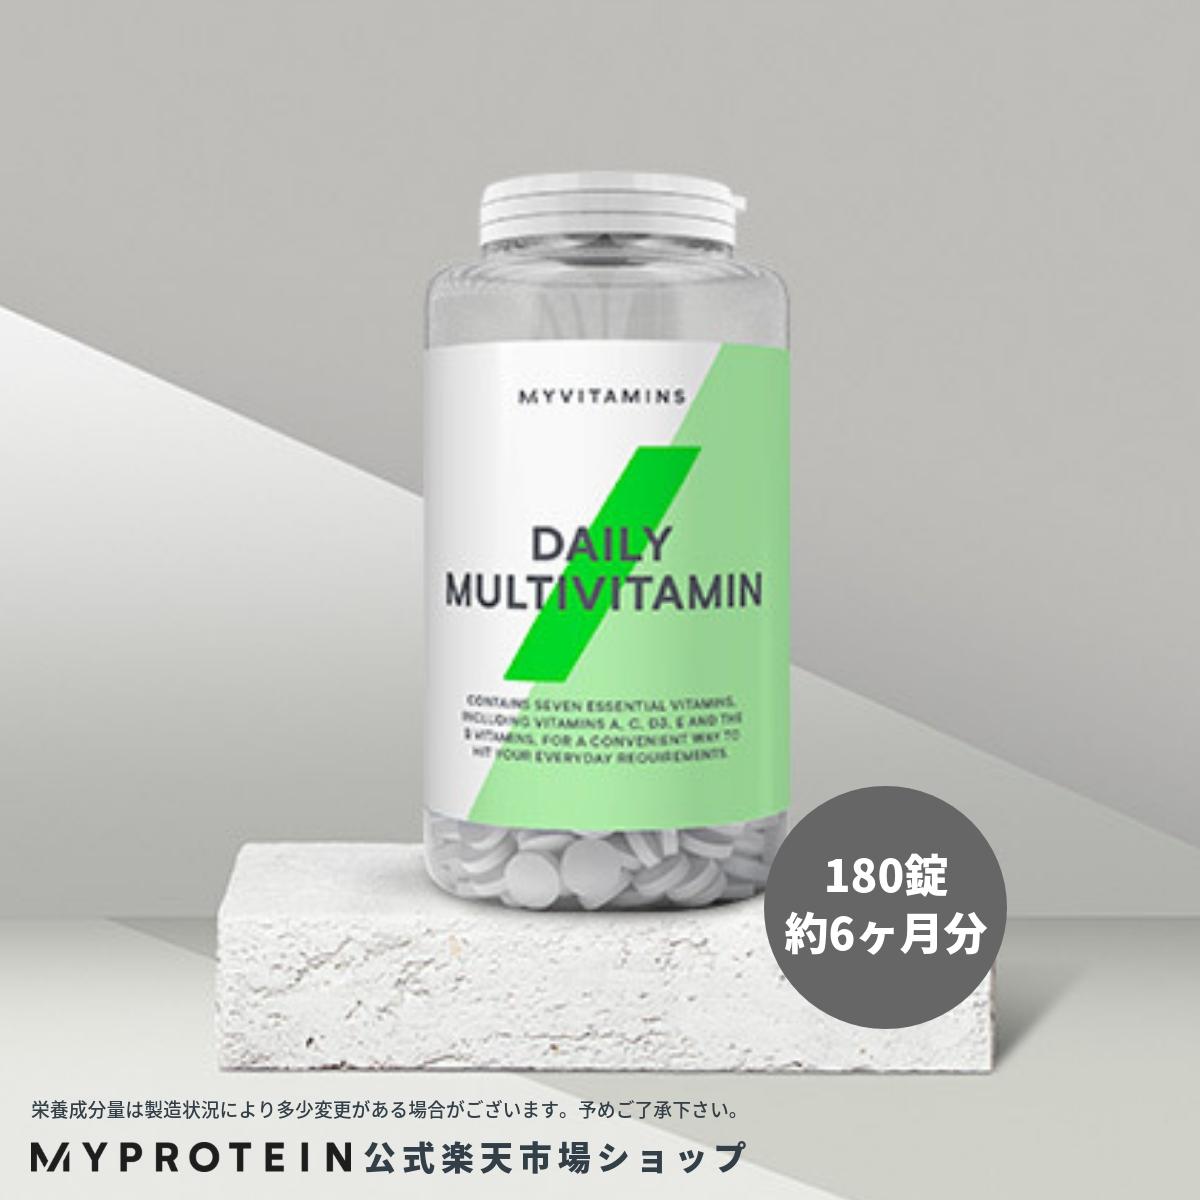 マイプロテイン 公式 【MyProtein】 デイリー ビタミン 180錠 約6ヶ月分| サプリメント サプリ タブレット マルチビタミン ビタミン ビタミンA ビタミンE ビタミンC ビタミンD 健康サプリ ミネラル 栄養補助食品【楽天海外直送】